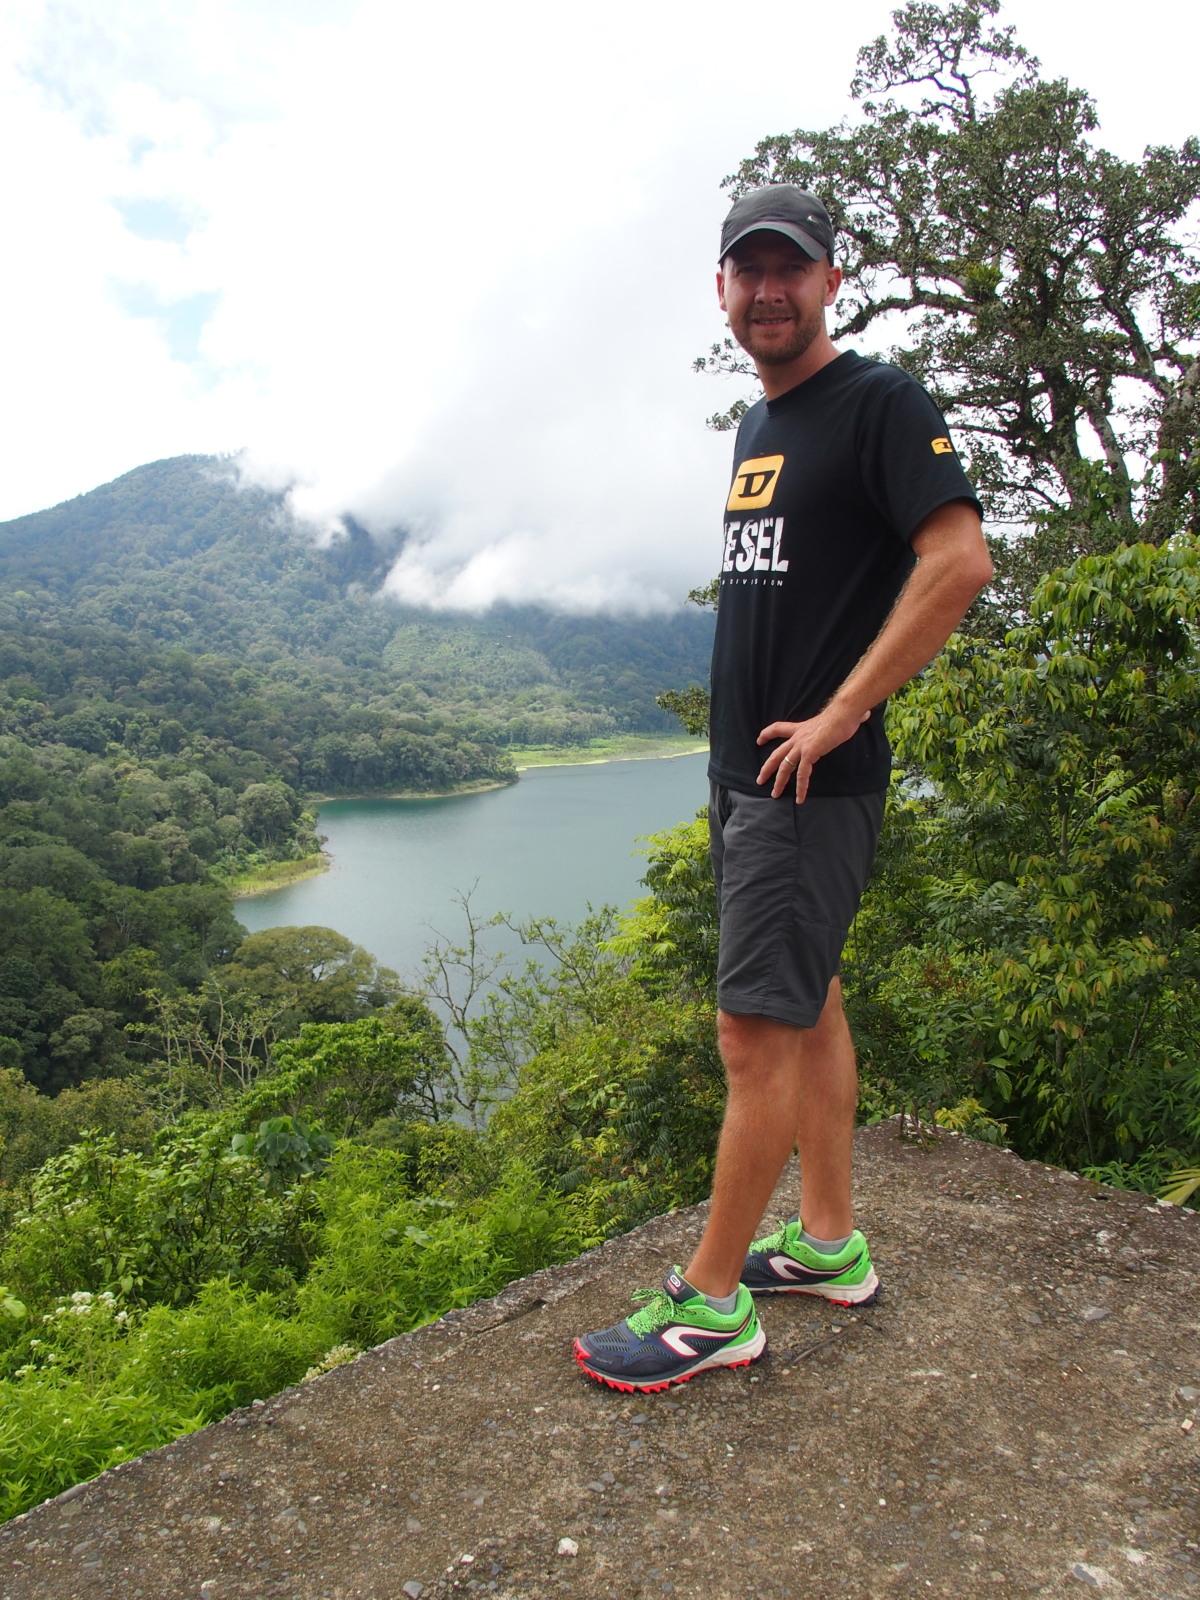 Syl20 et ses Kalenji Kapteren XT4 neutral aux lacs Tambligan et Buyan - Bali